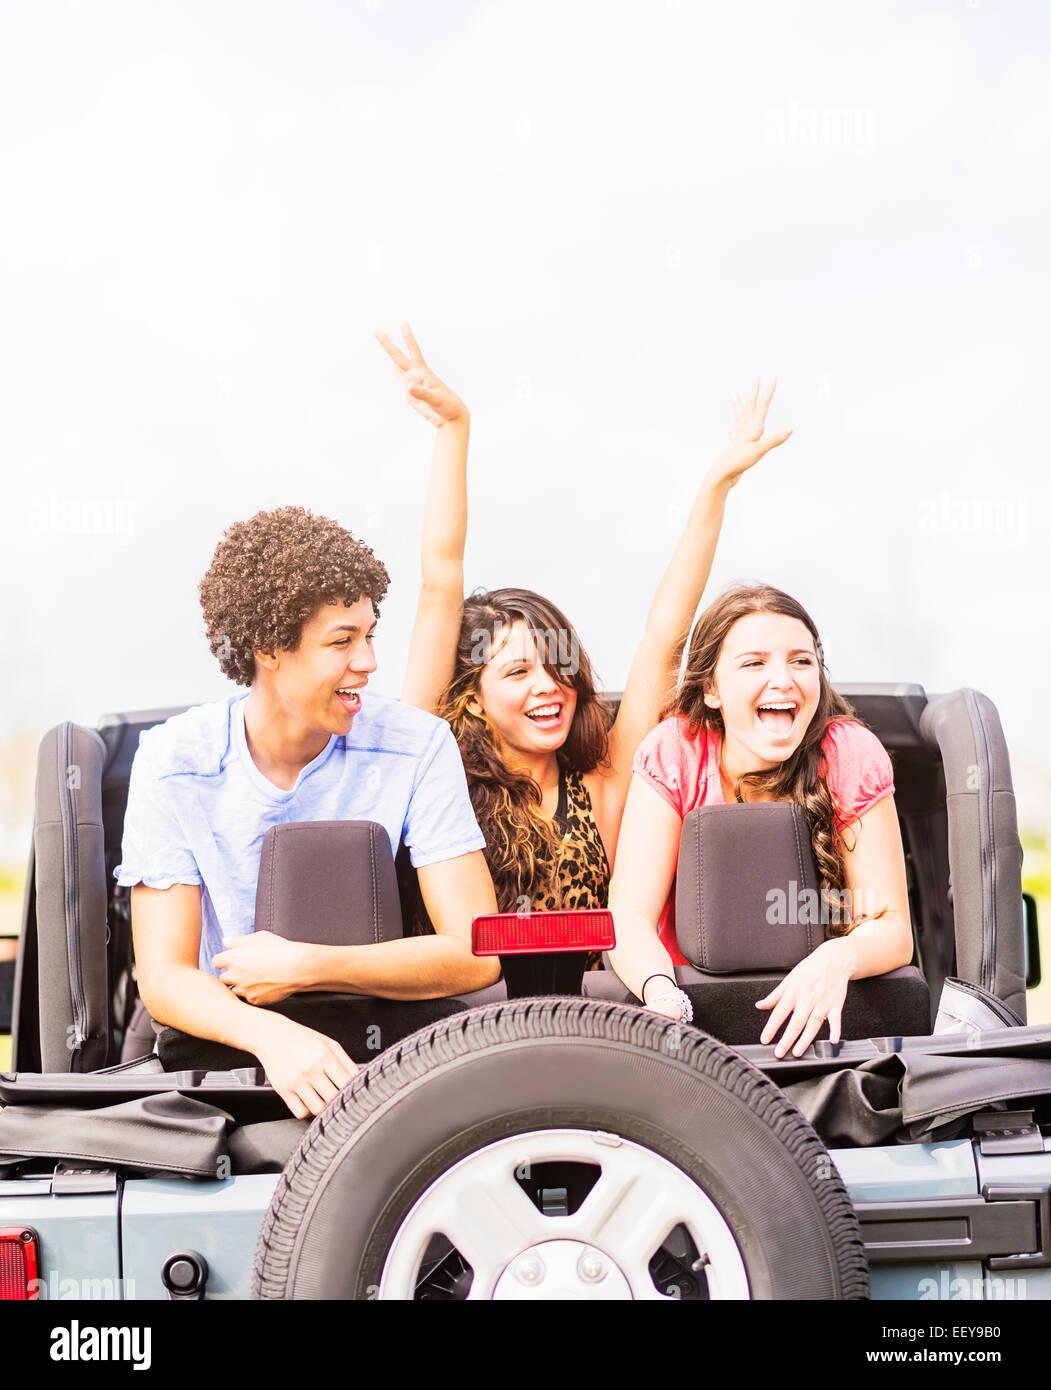 Groupe d'ami (14-15) lors de voyage en voiture Photo Stock